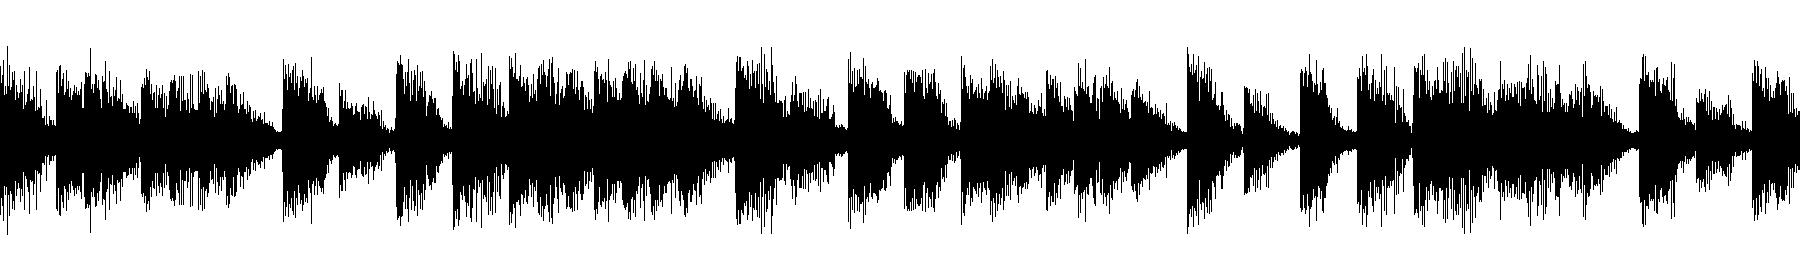 chordular 130 c pl 2